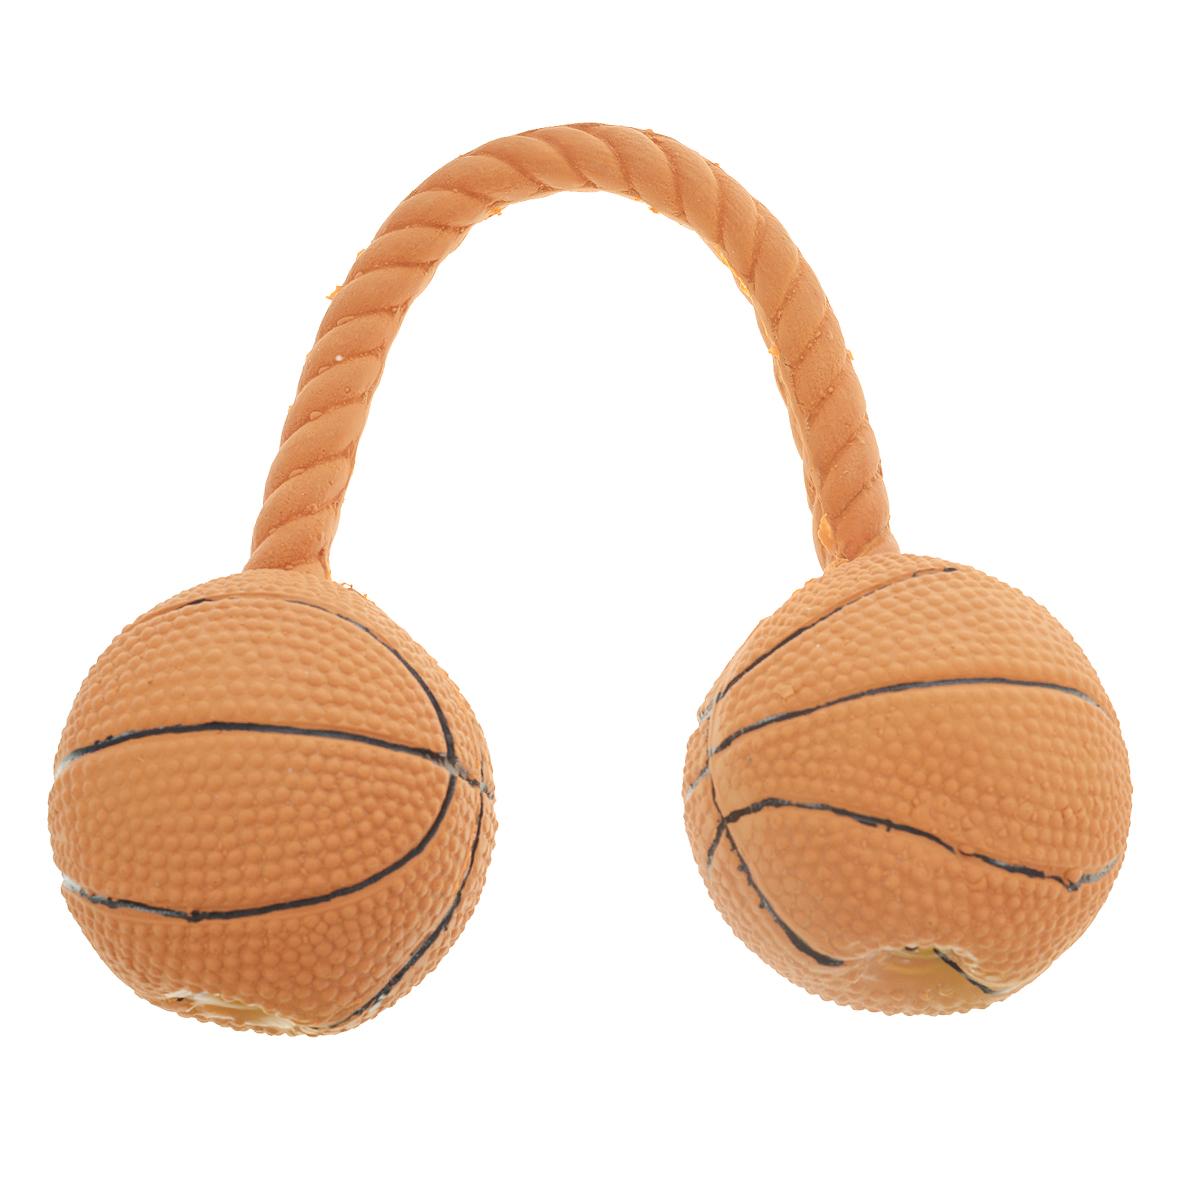 Игрушка для собак V.I.Pet Гантель баскетбольная, цвет: коричневыйL-118Игрушка V.I.Pet Баскетбольная гантель изготовлена из латекса с использованием только безопасных, не токсичных красителей. Великолепно подходит для игры и массажа десен вашей собаки. Гантель при надавливании или захвате пастью пищит. Такая игрушка порадует вашего любимца, а вам доставит массу приятных эмоций, ведь наблюдать за игрой всегда интересно и приятно. Оставшись в одиночестве, ваша собака будет увлеченно играть в эту игрушку. Диаметр мяча: 6,5 см.